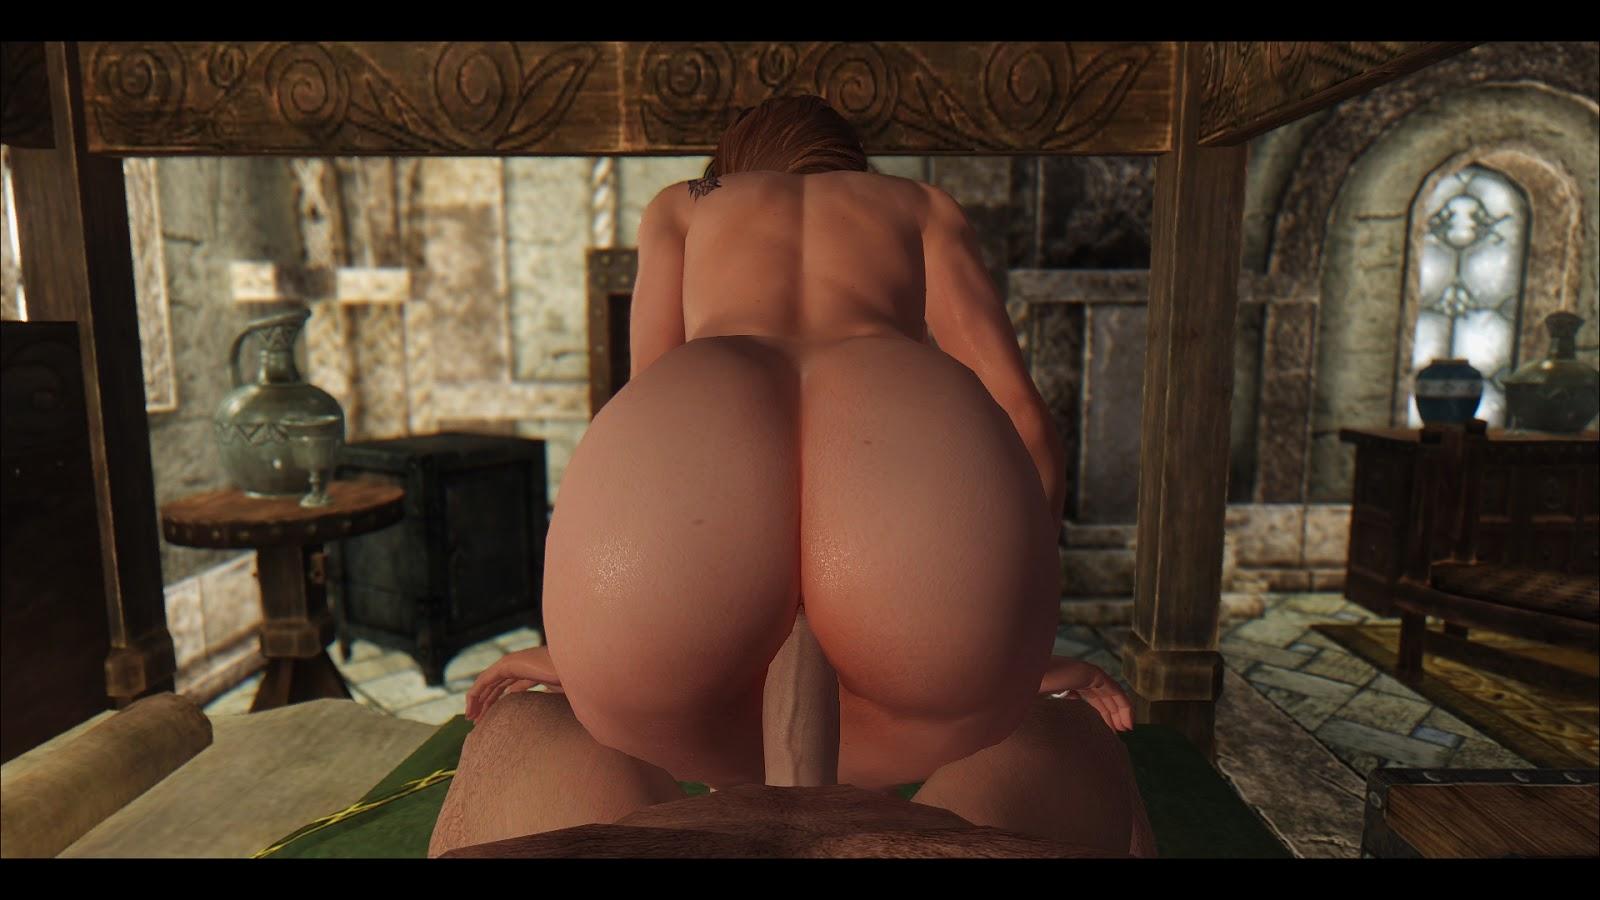 директор увидит читы маунтин блейд порно видео другой стороны, чем